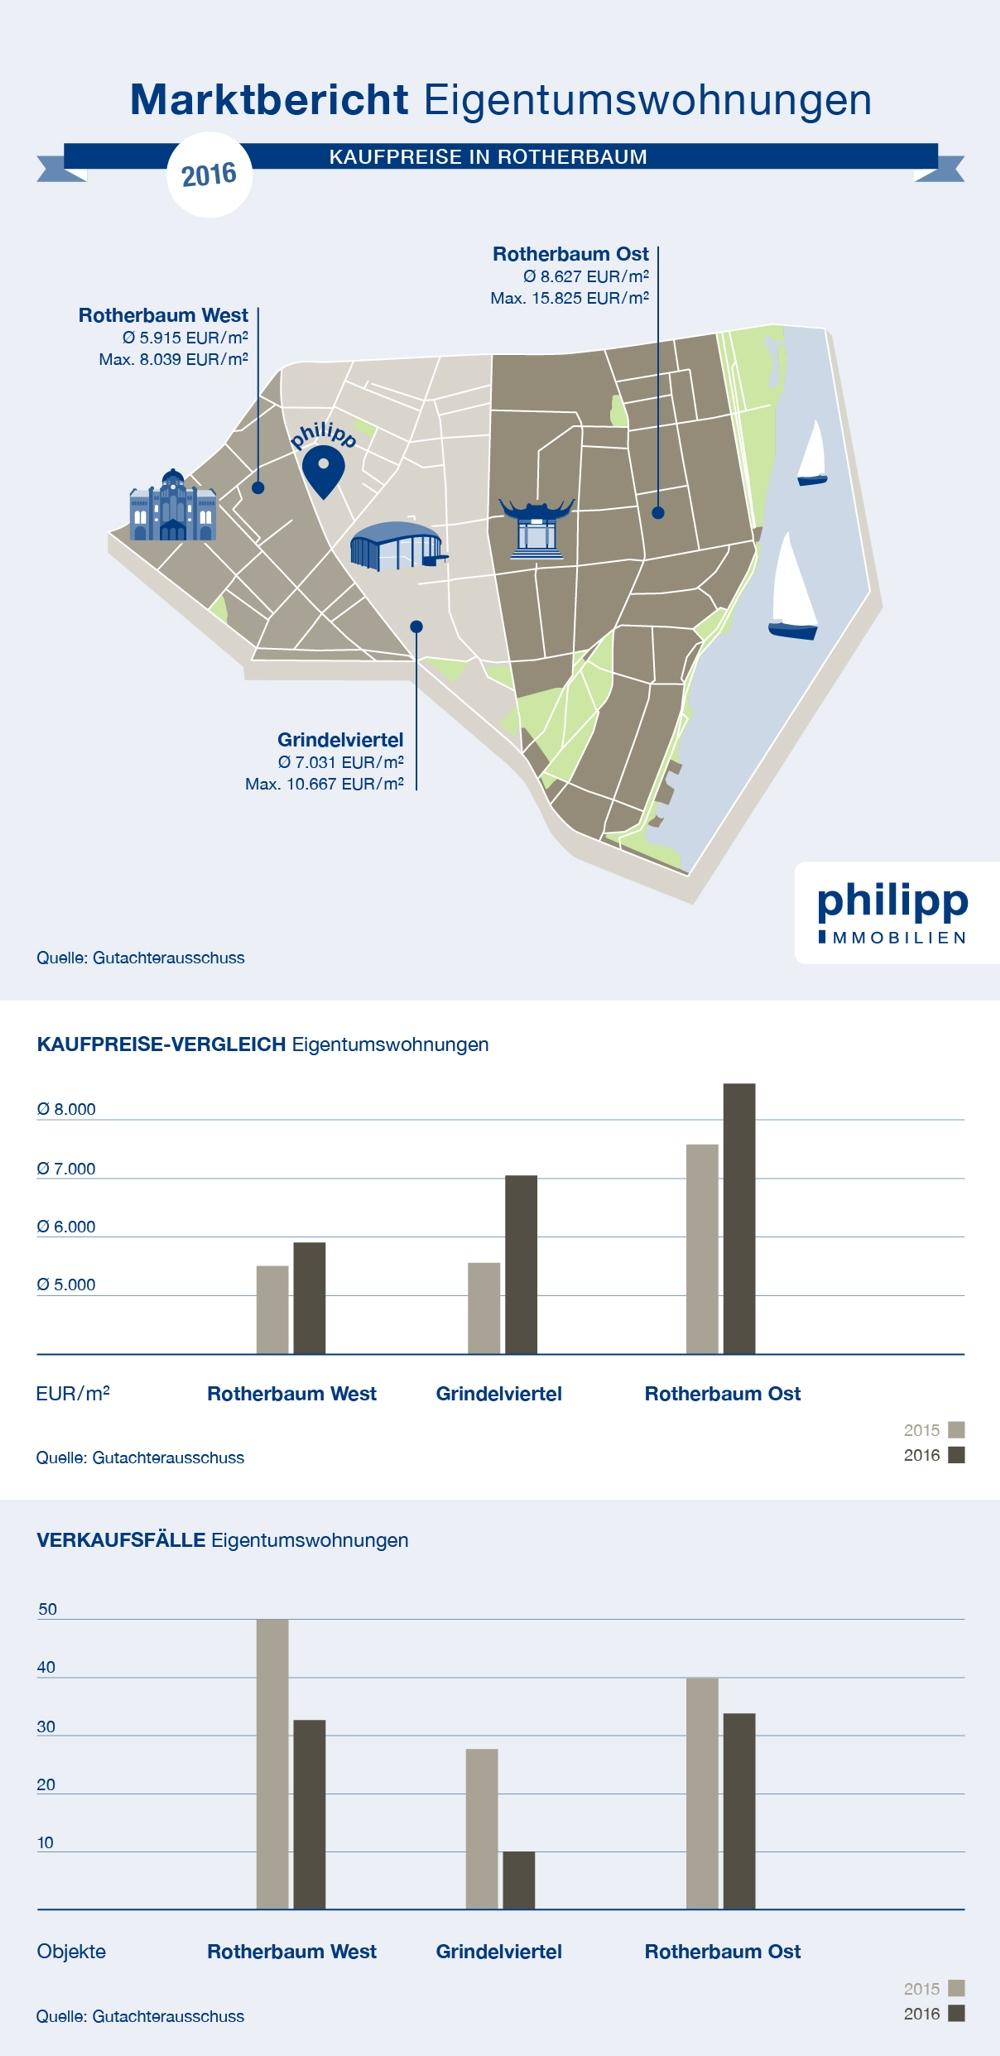 Preisdiagramm, Wohnungen in Rotherbaum kaufen